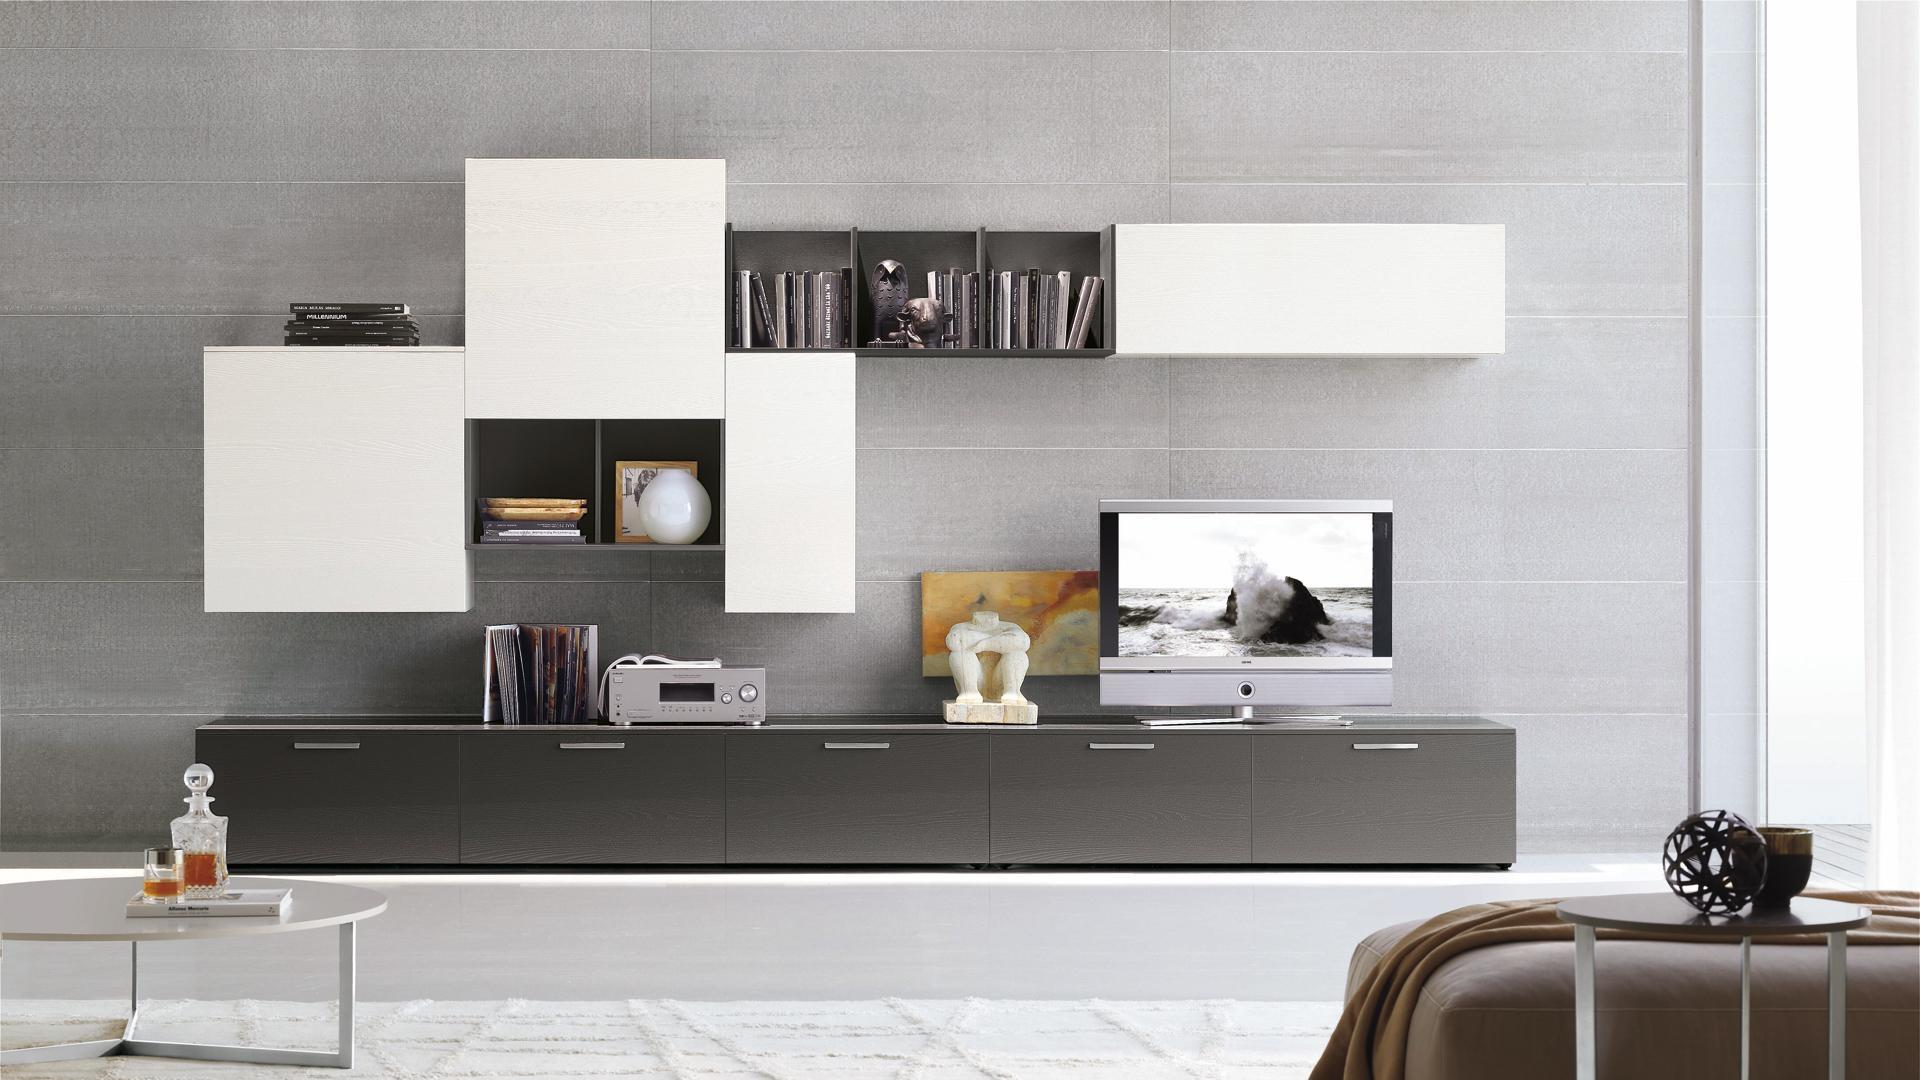 Idee Per Camino Moderno: Idee di un soggiorno minimal per una stupenda casa moderna. Vovell ...